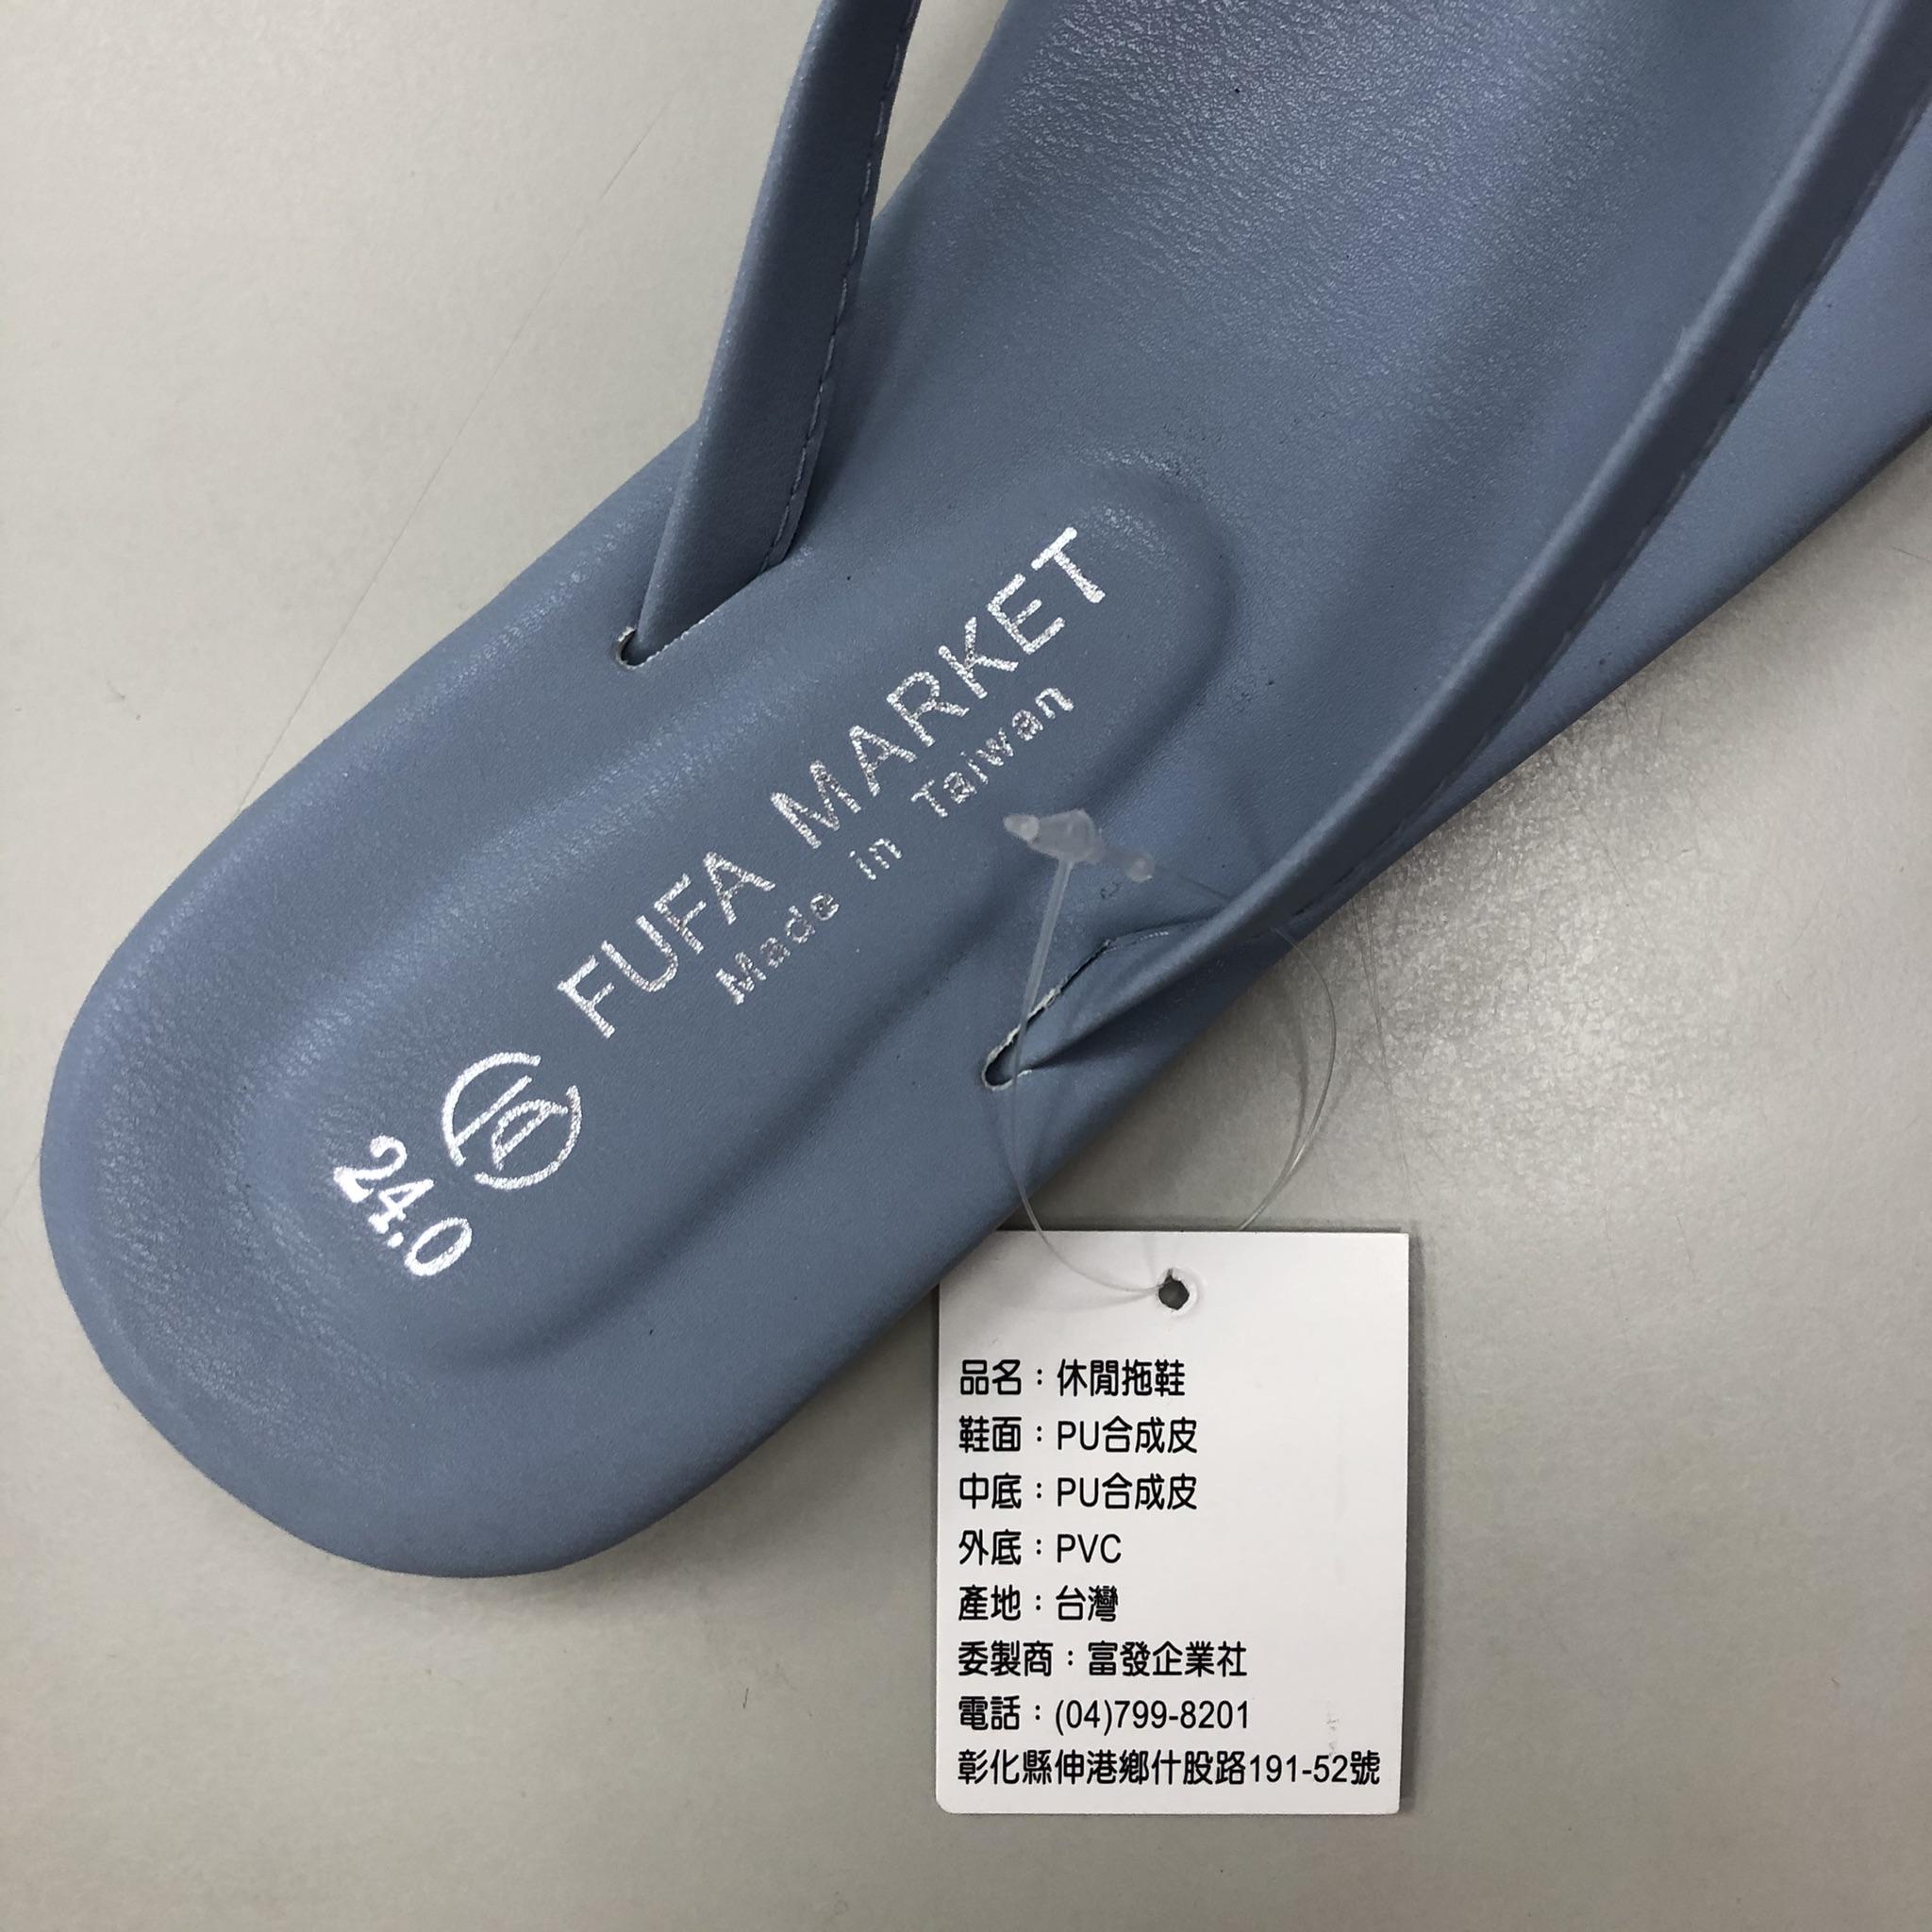 涼拖鞋鞋底商品材質標示